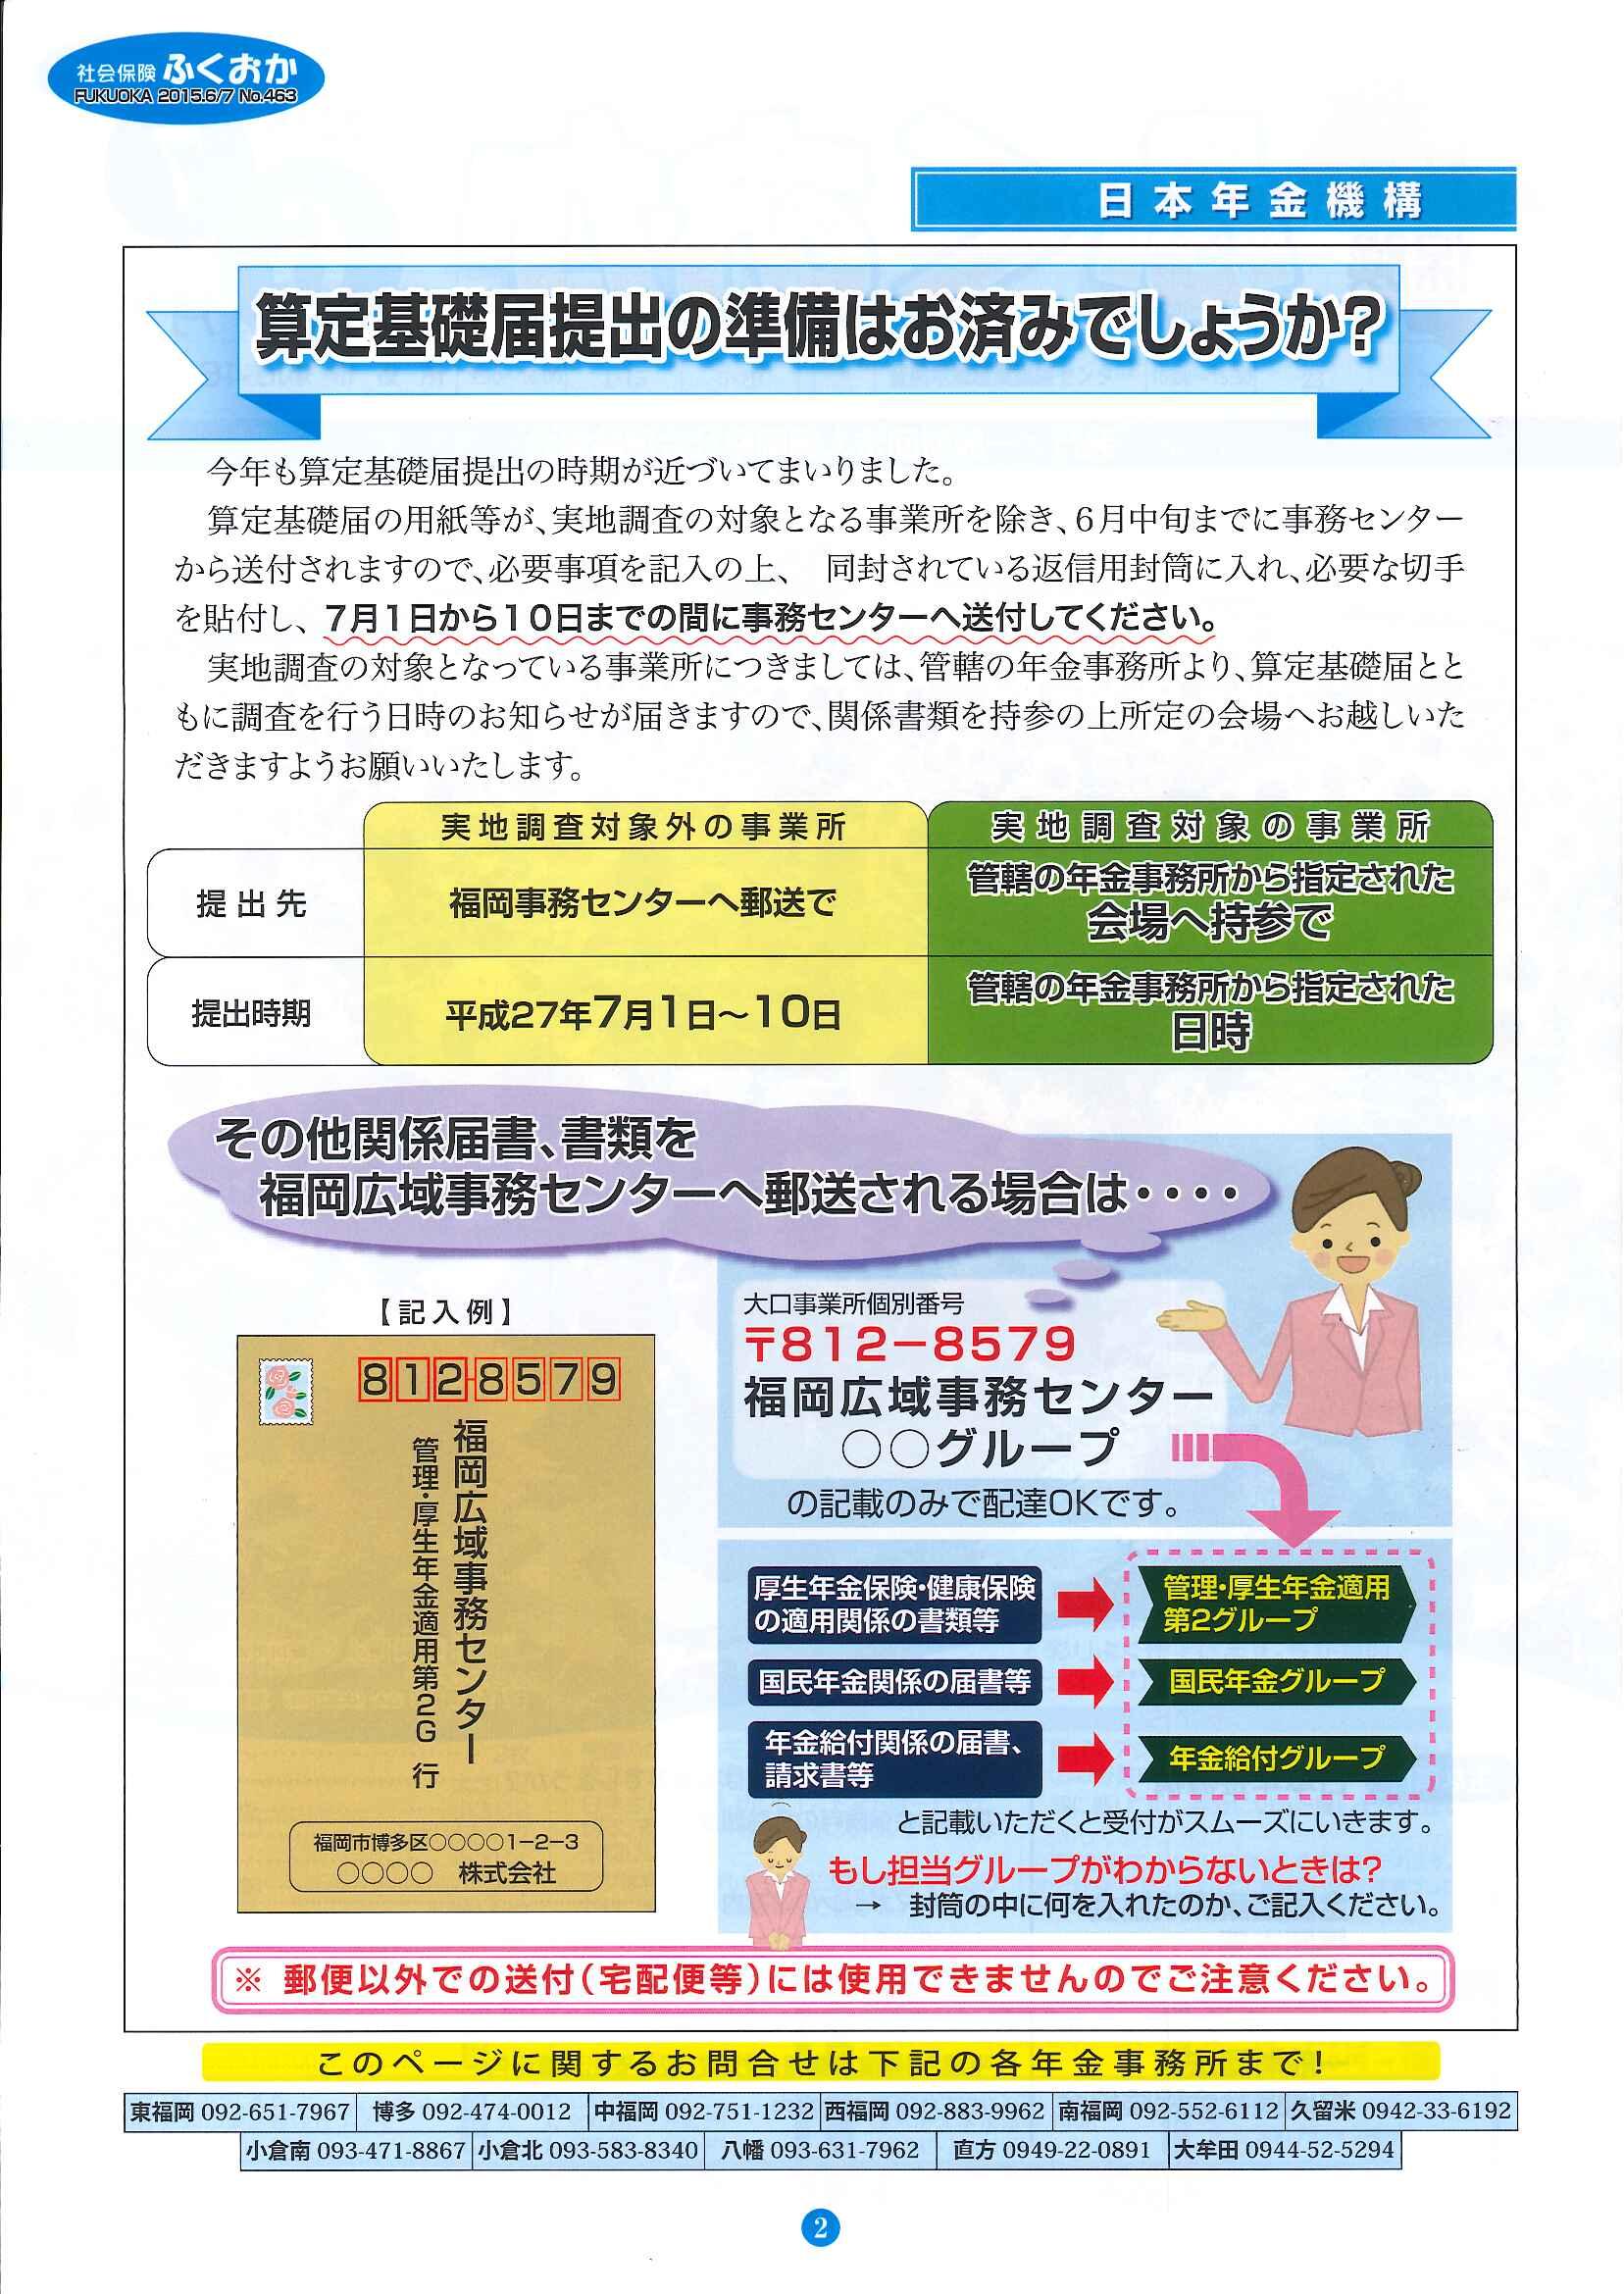 社会保険 ふくおか 2015年6・7月号_f0120774_159543.jpg